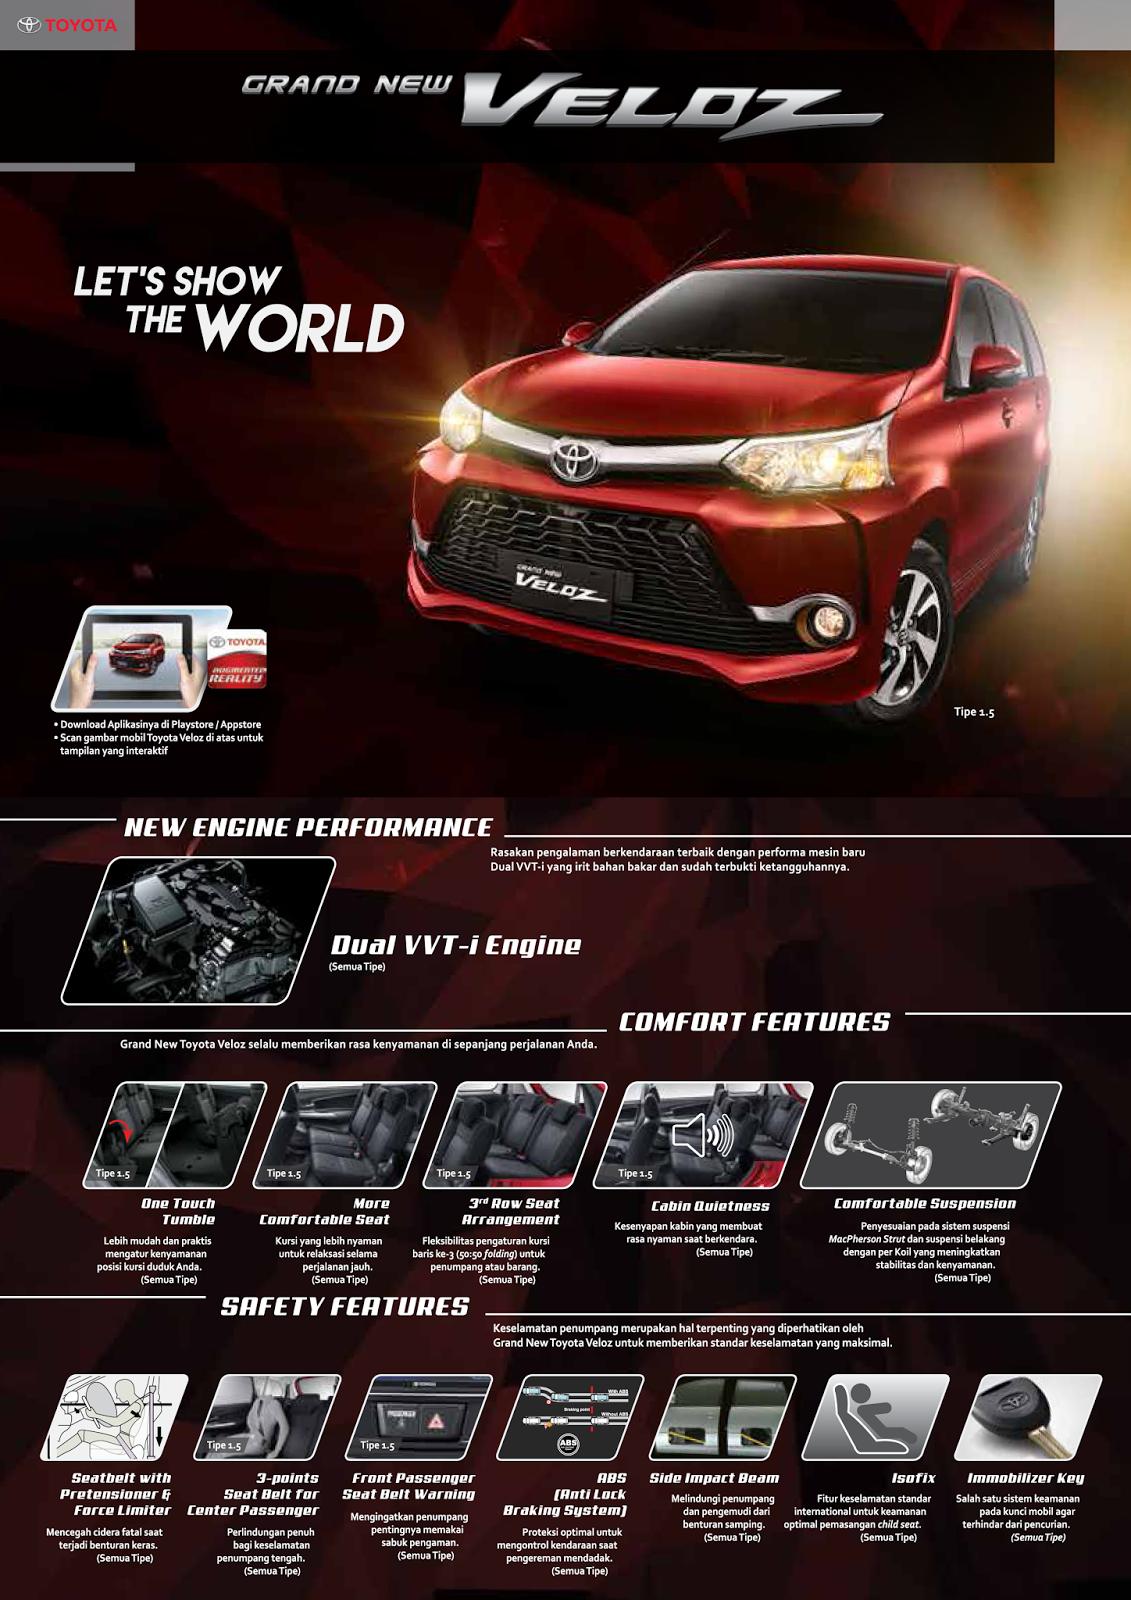 Harga Headlamp Grand New Veloz Avanza Modifikasi Velg Brosur Toyota 2015 Astra Indonesia Untuk Kemudahan Dalam Mendapatkan Mobil Serta Informasi Seputar Diskon Dan Promo Tes Drive Silumasi Kredit